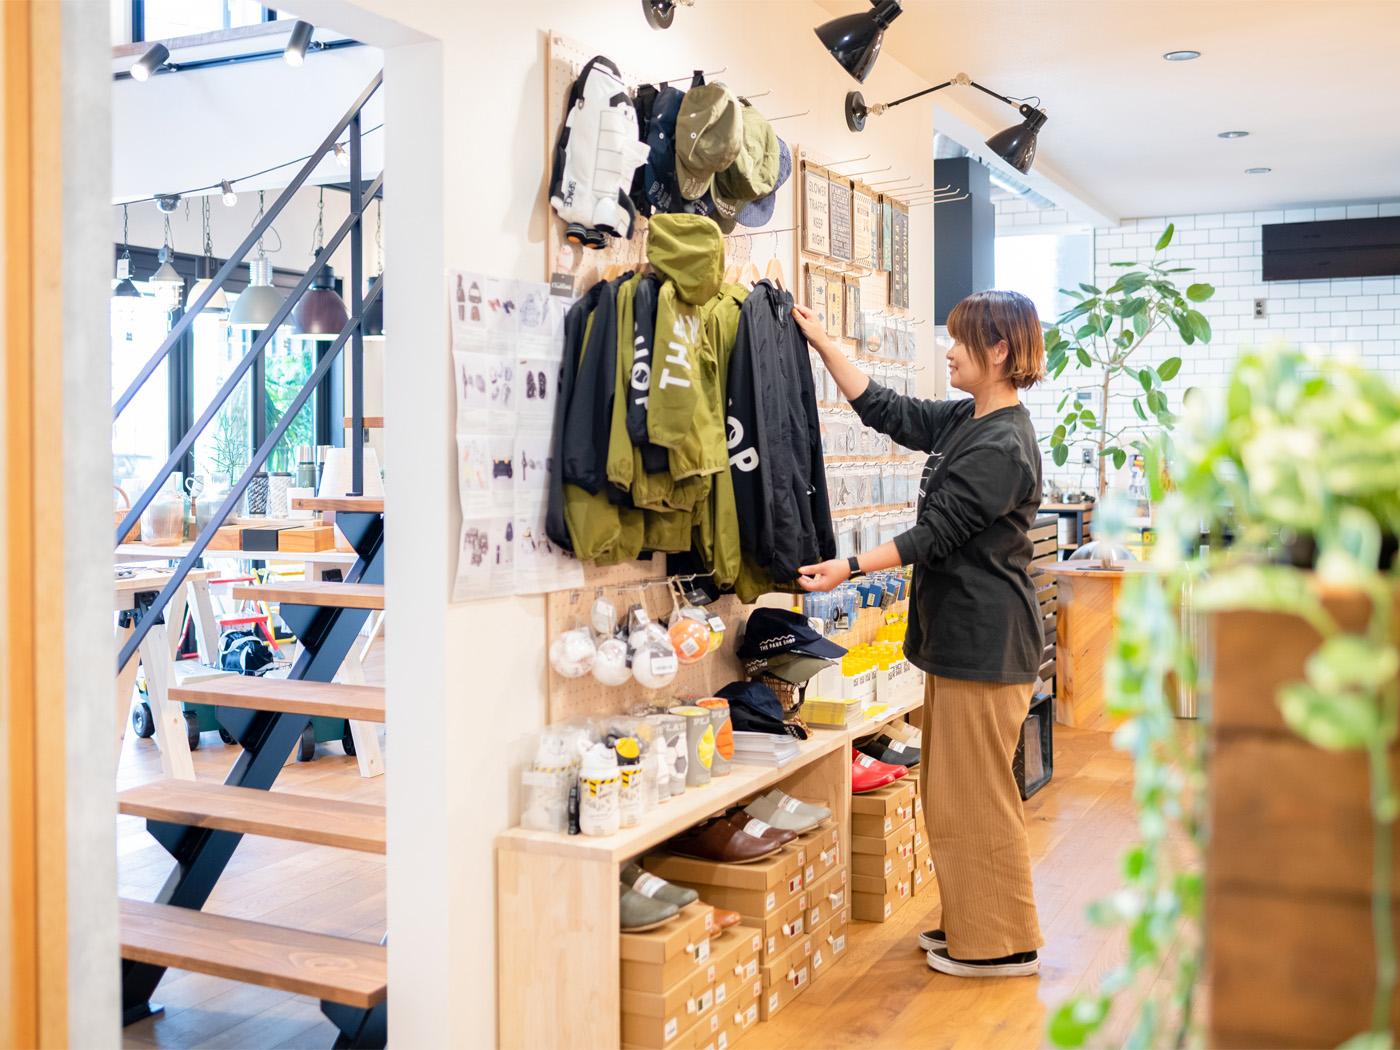 広報担当の廣瀬さん。現在は、店舗の商品仕入れにも携わっている。